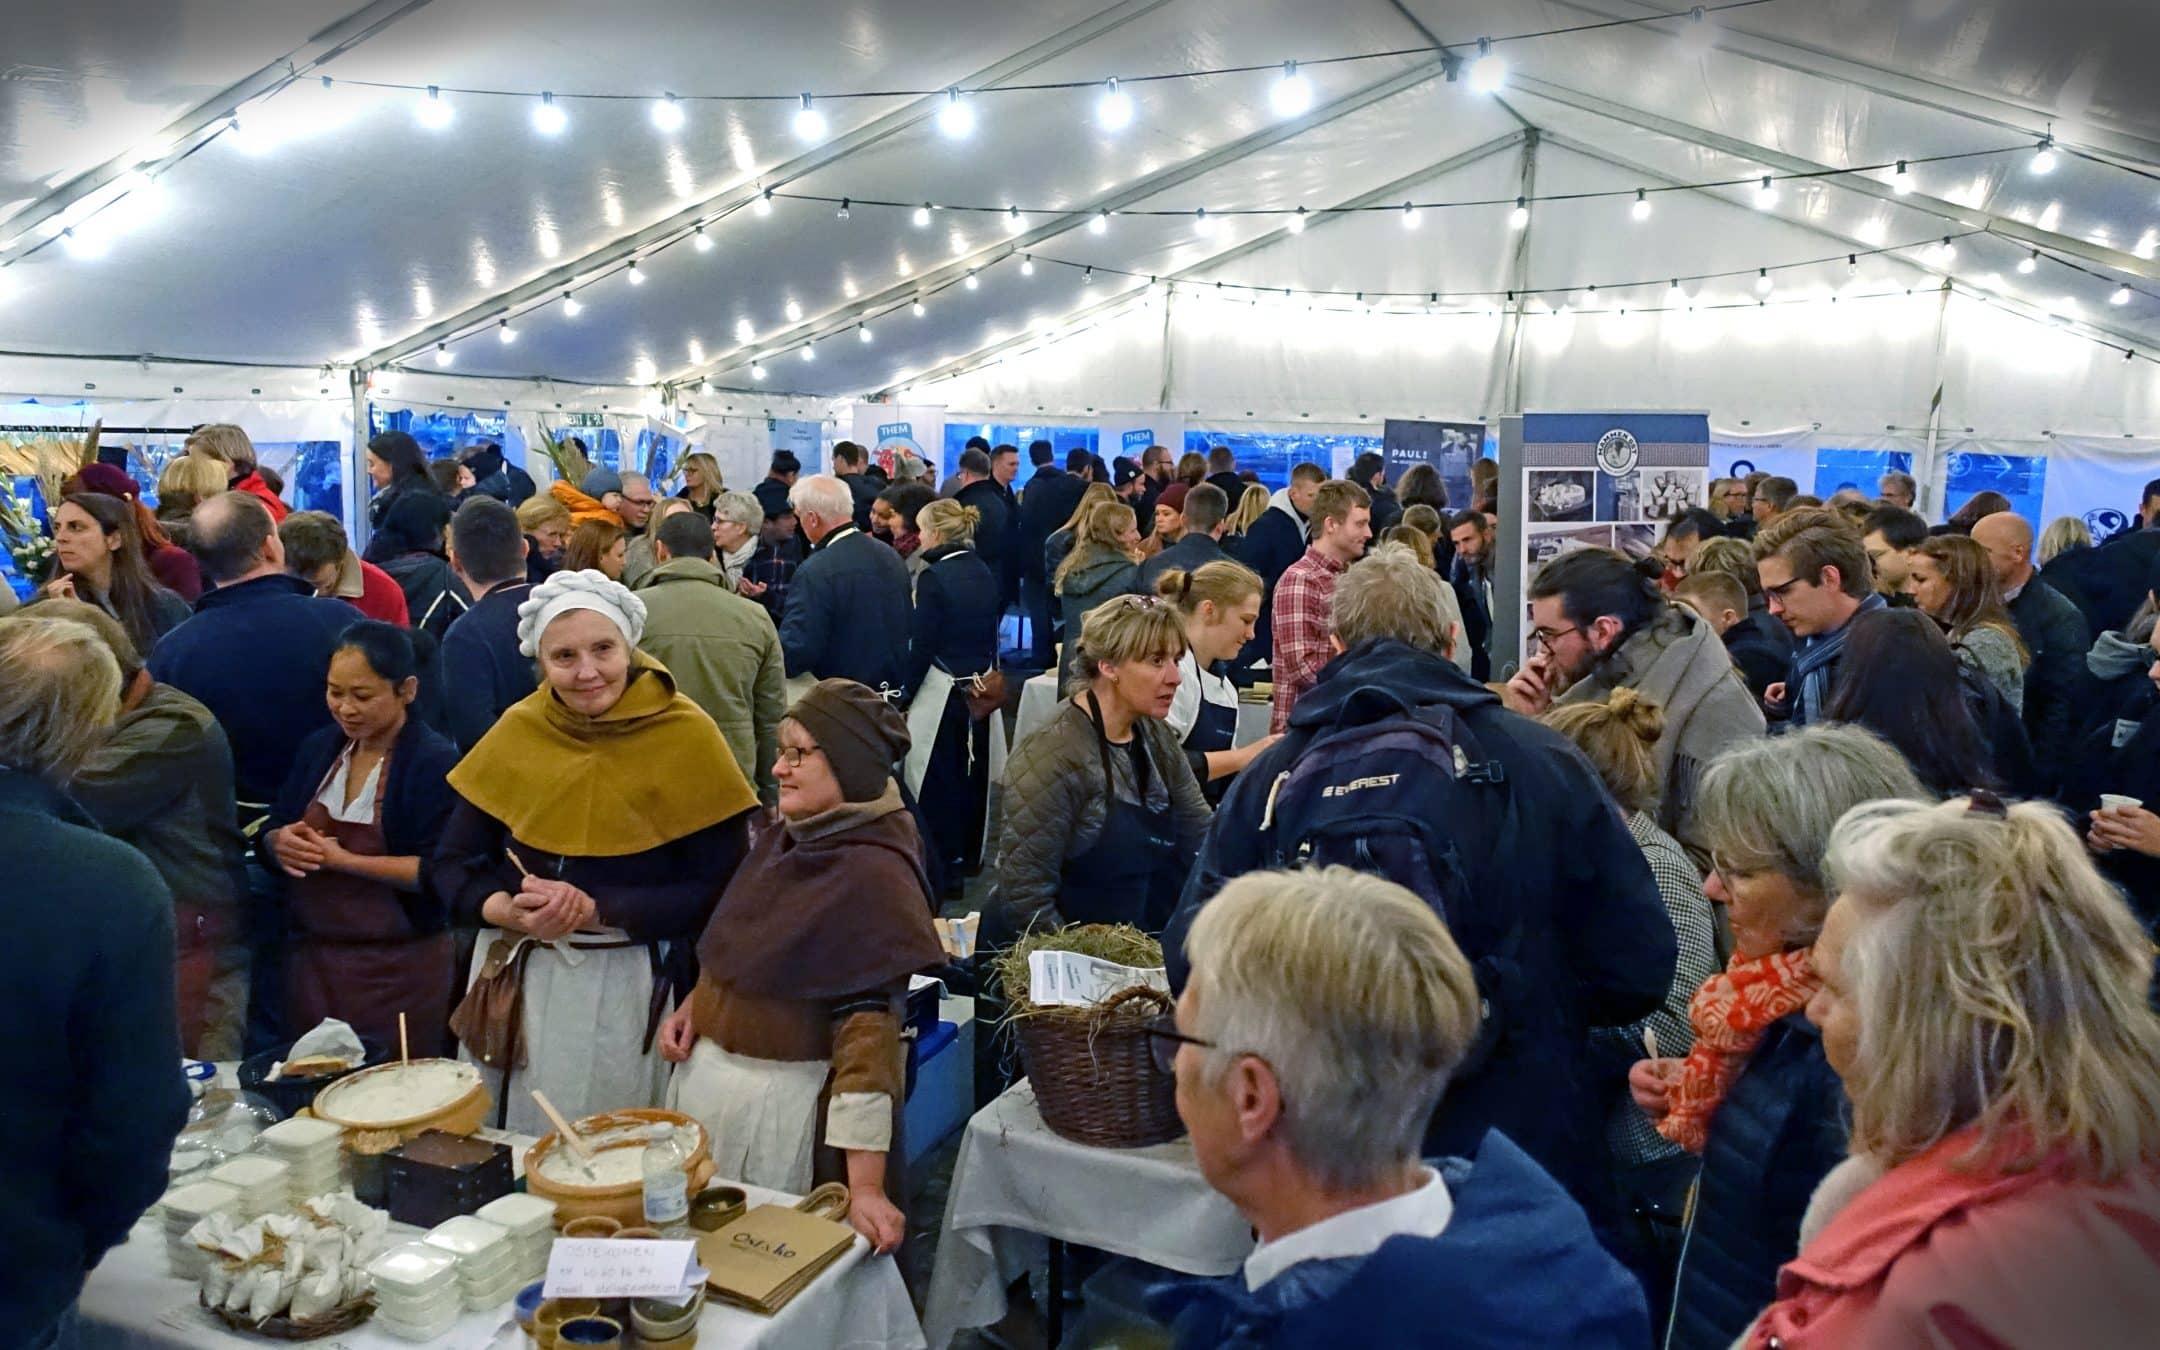 850 osteelskere kom til ostefest i København